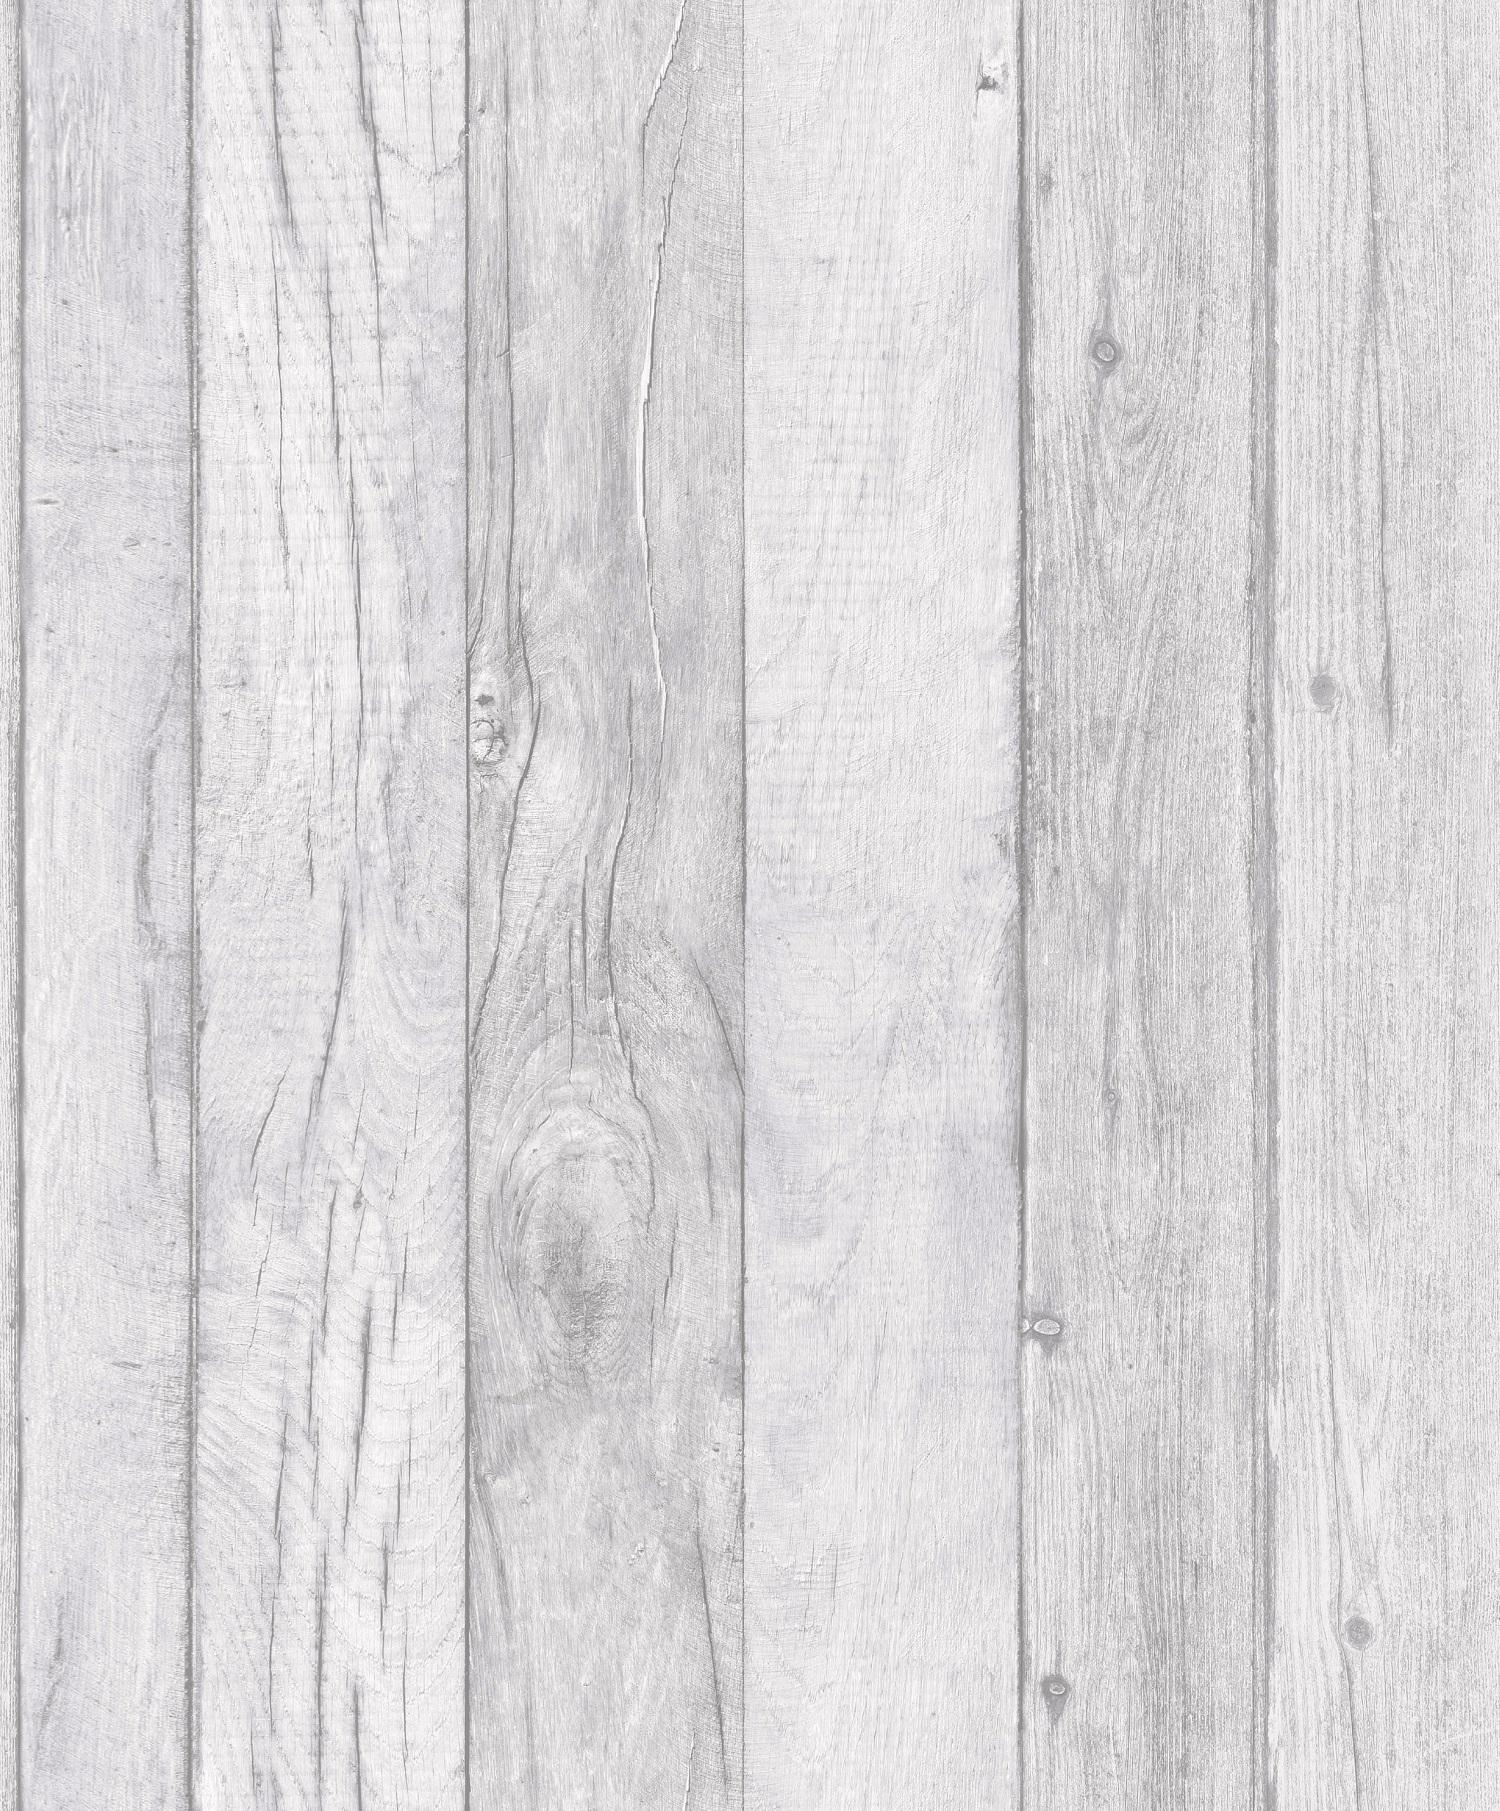 tapete in antik holz optik g nstig kaufen joratrend. Black Bedroom Furniture Sets. Home Design Ideas